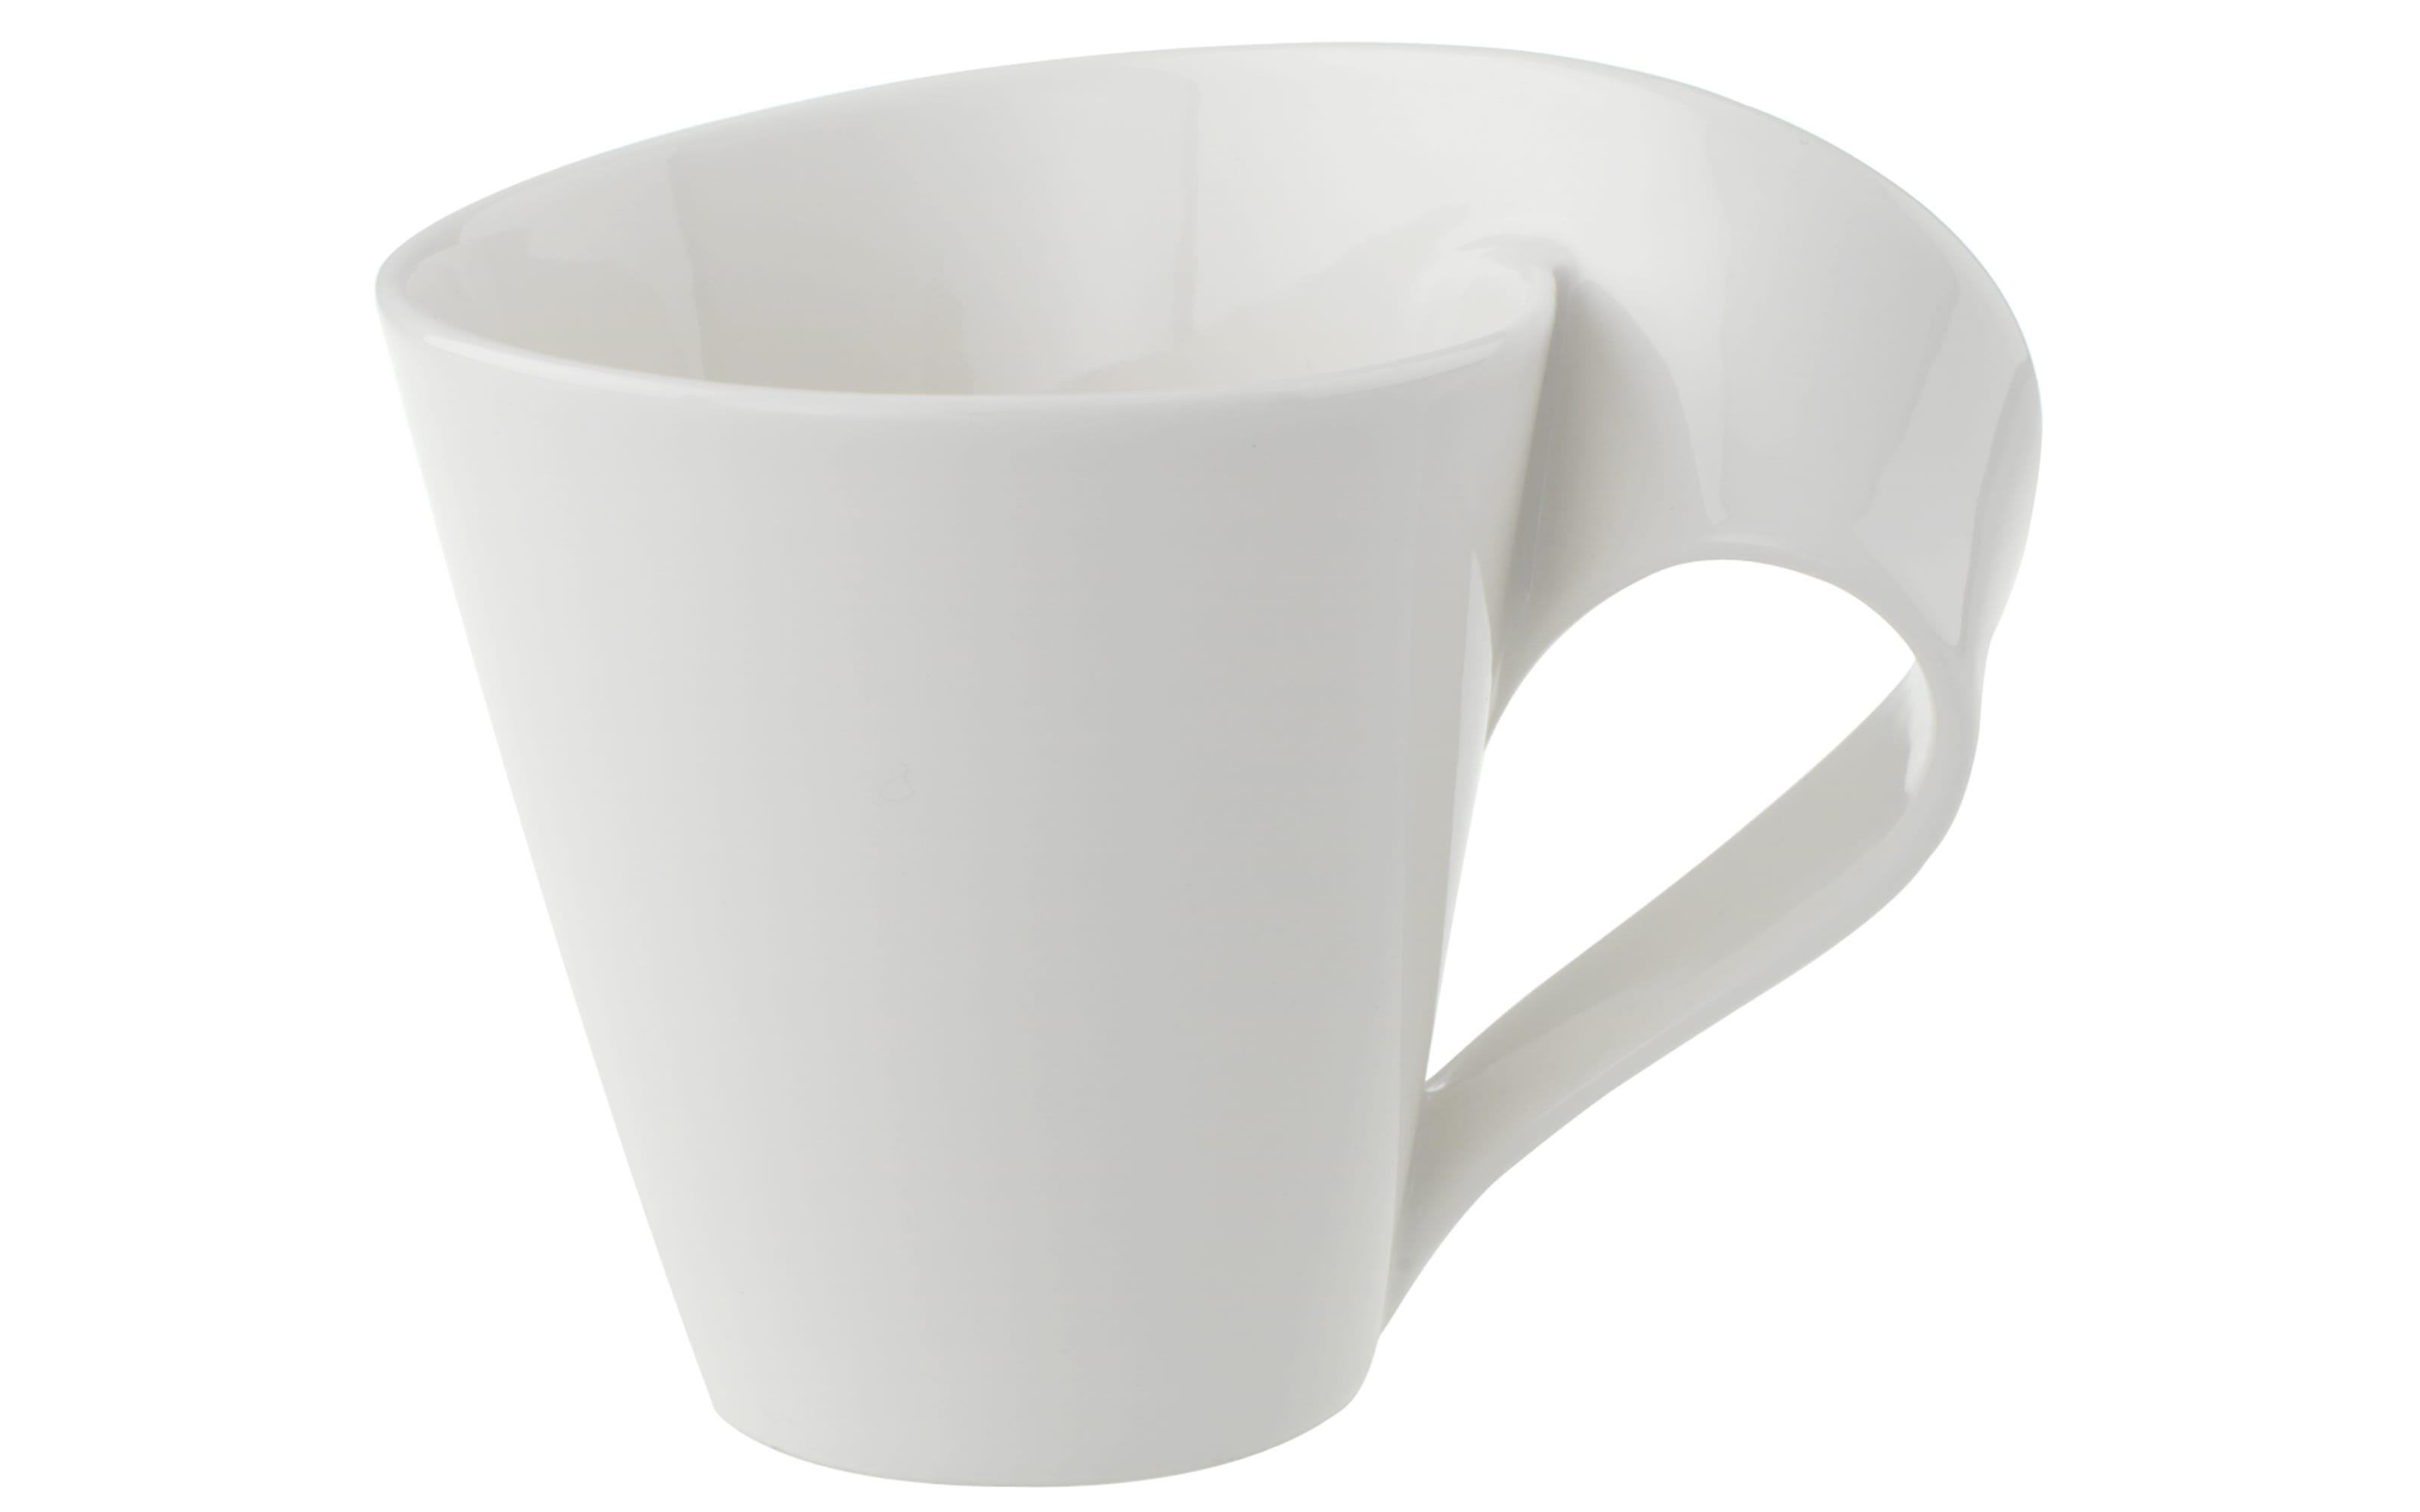 Kaffeeobertasse New Wave, 0,20 l